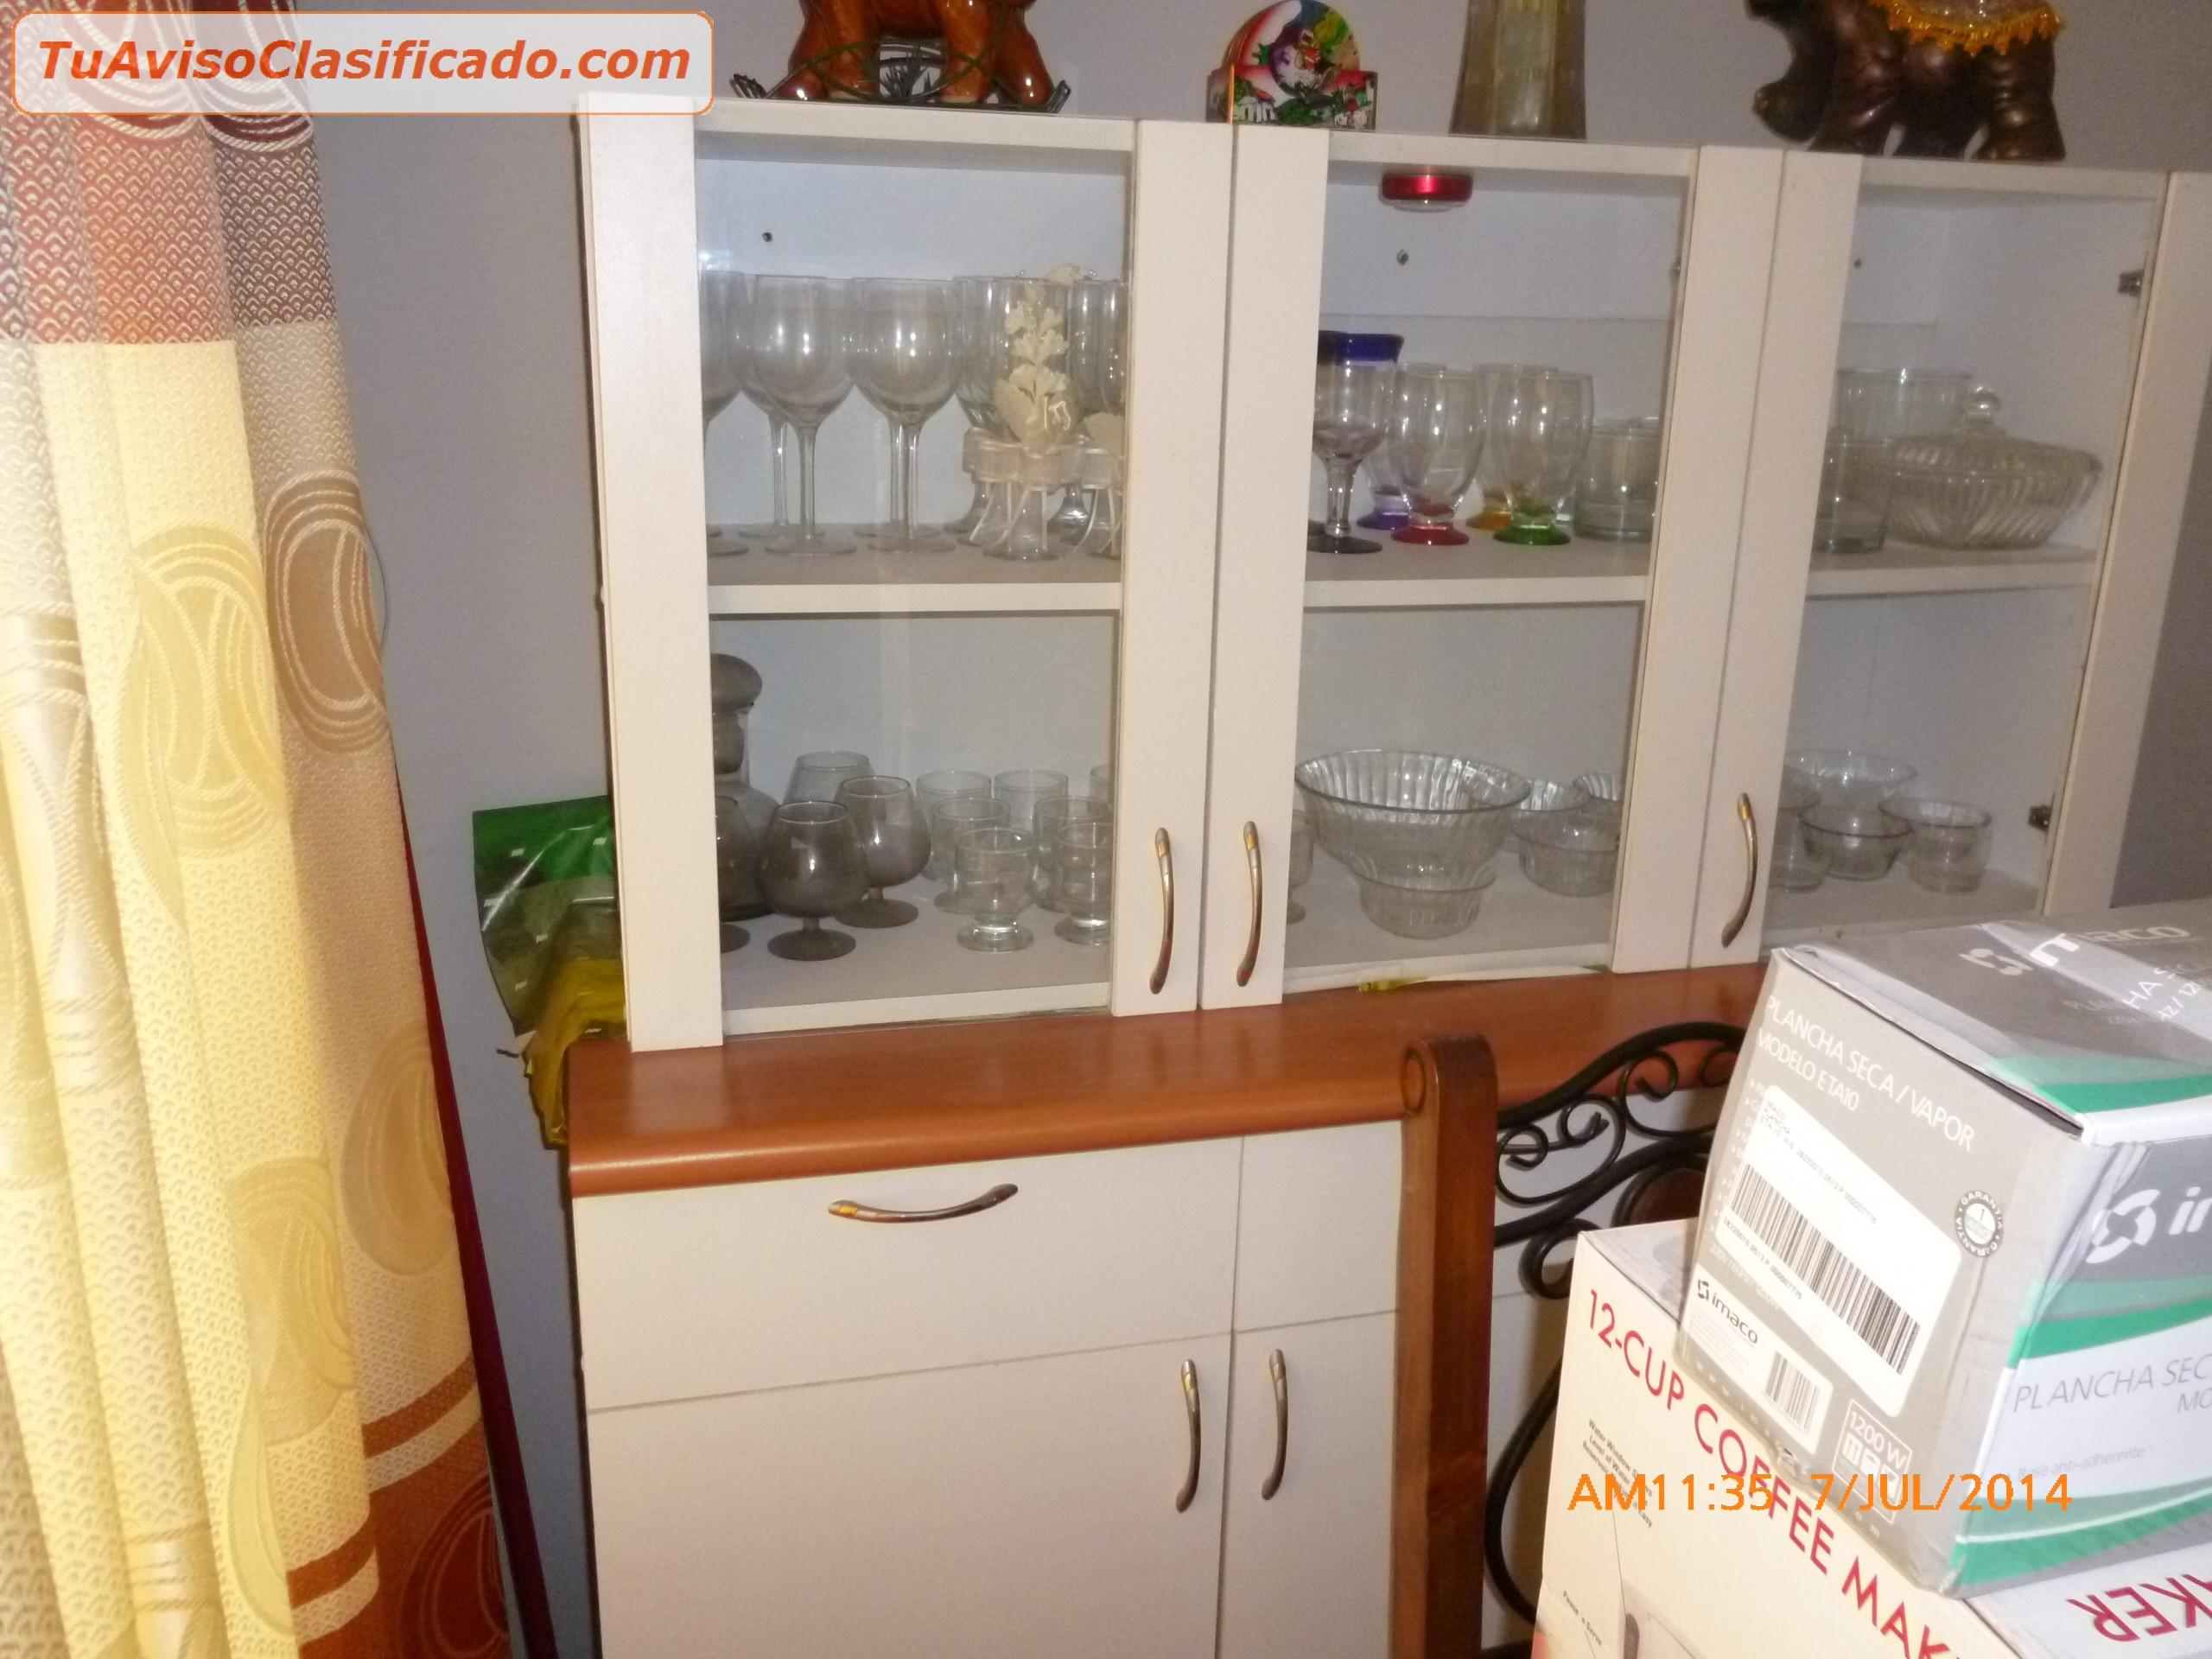 Venta De Muebles Sala Comedor Ropero Artefactos Y Otros